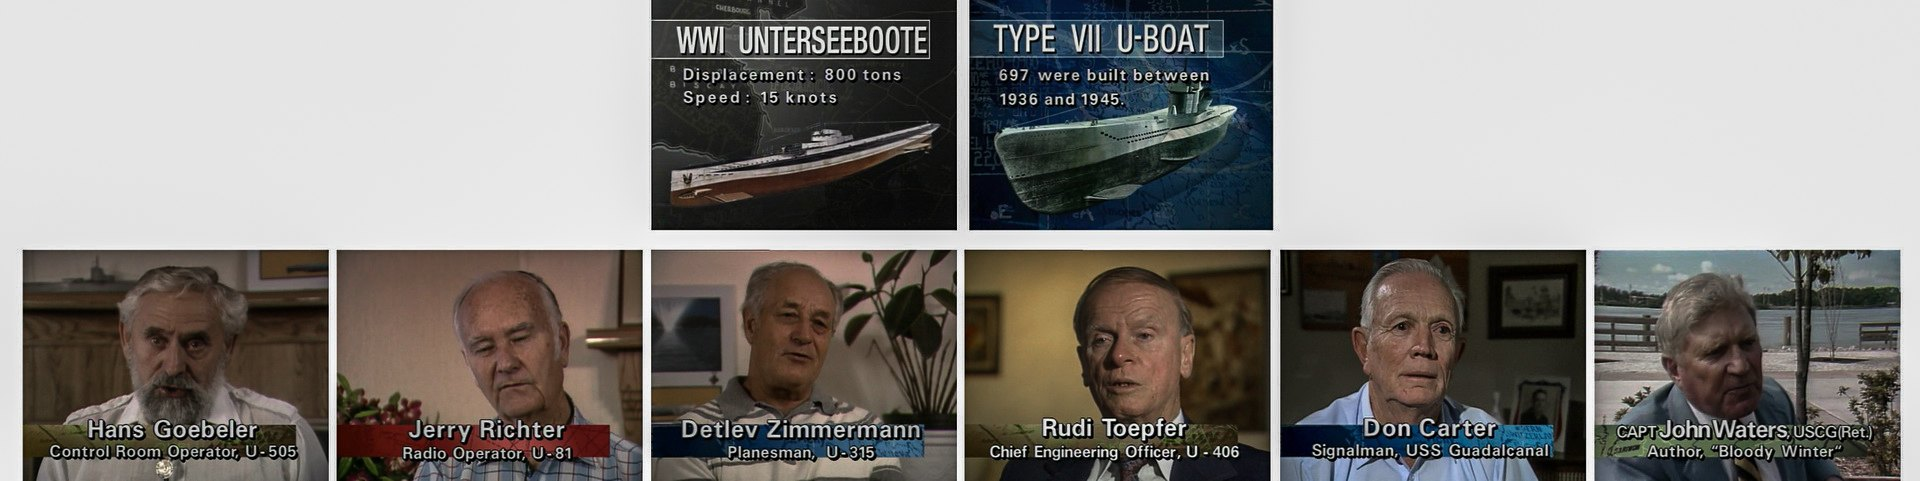 Немецкие подводники Кригсмарине